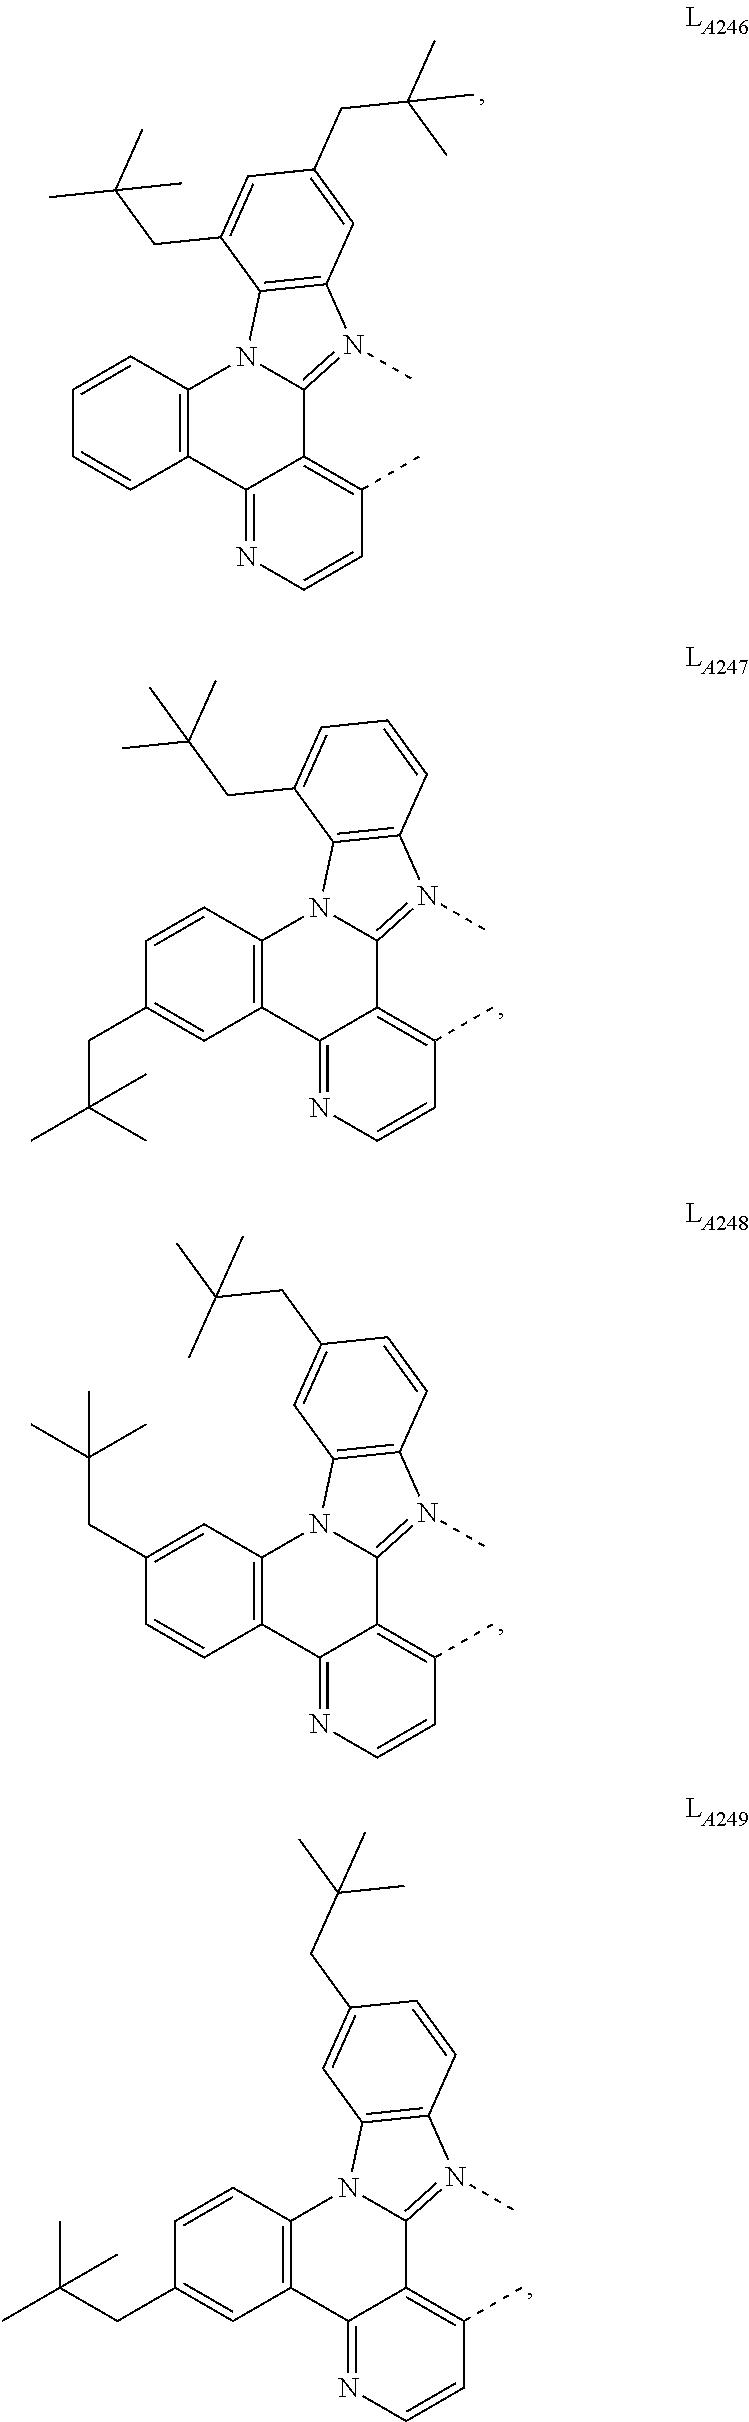 Figure US09905785-20180227-C00082